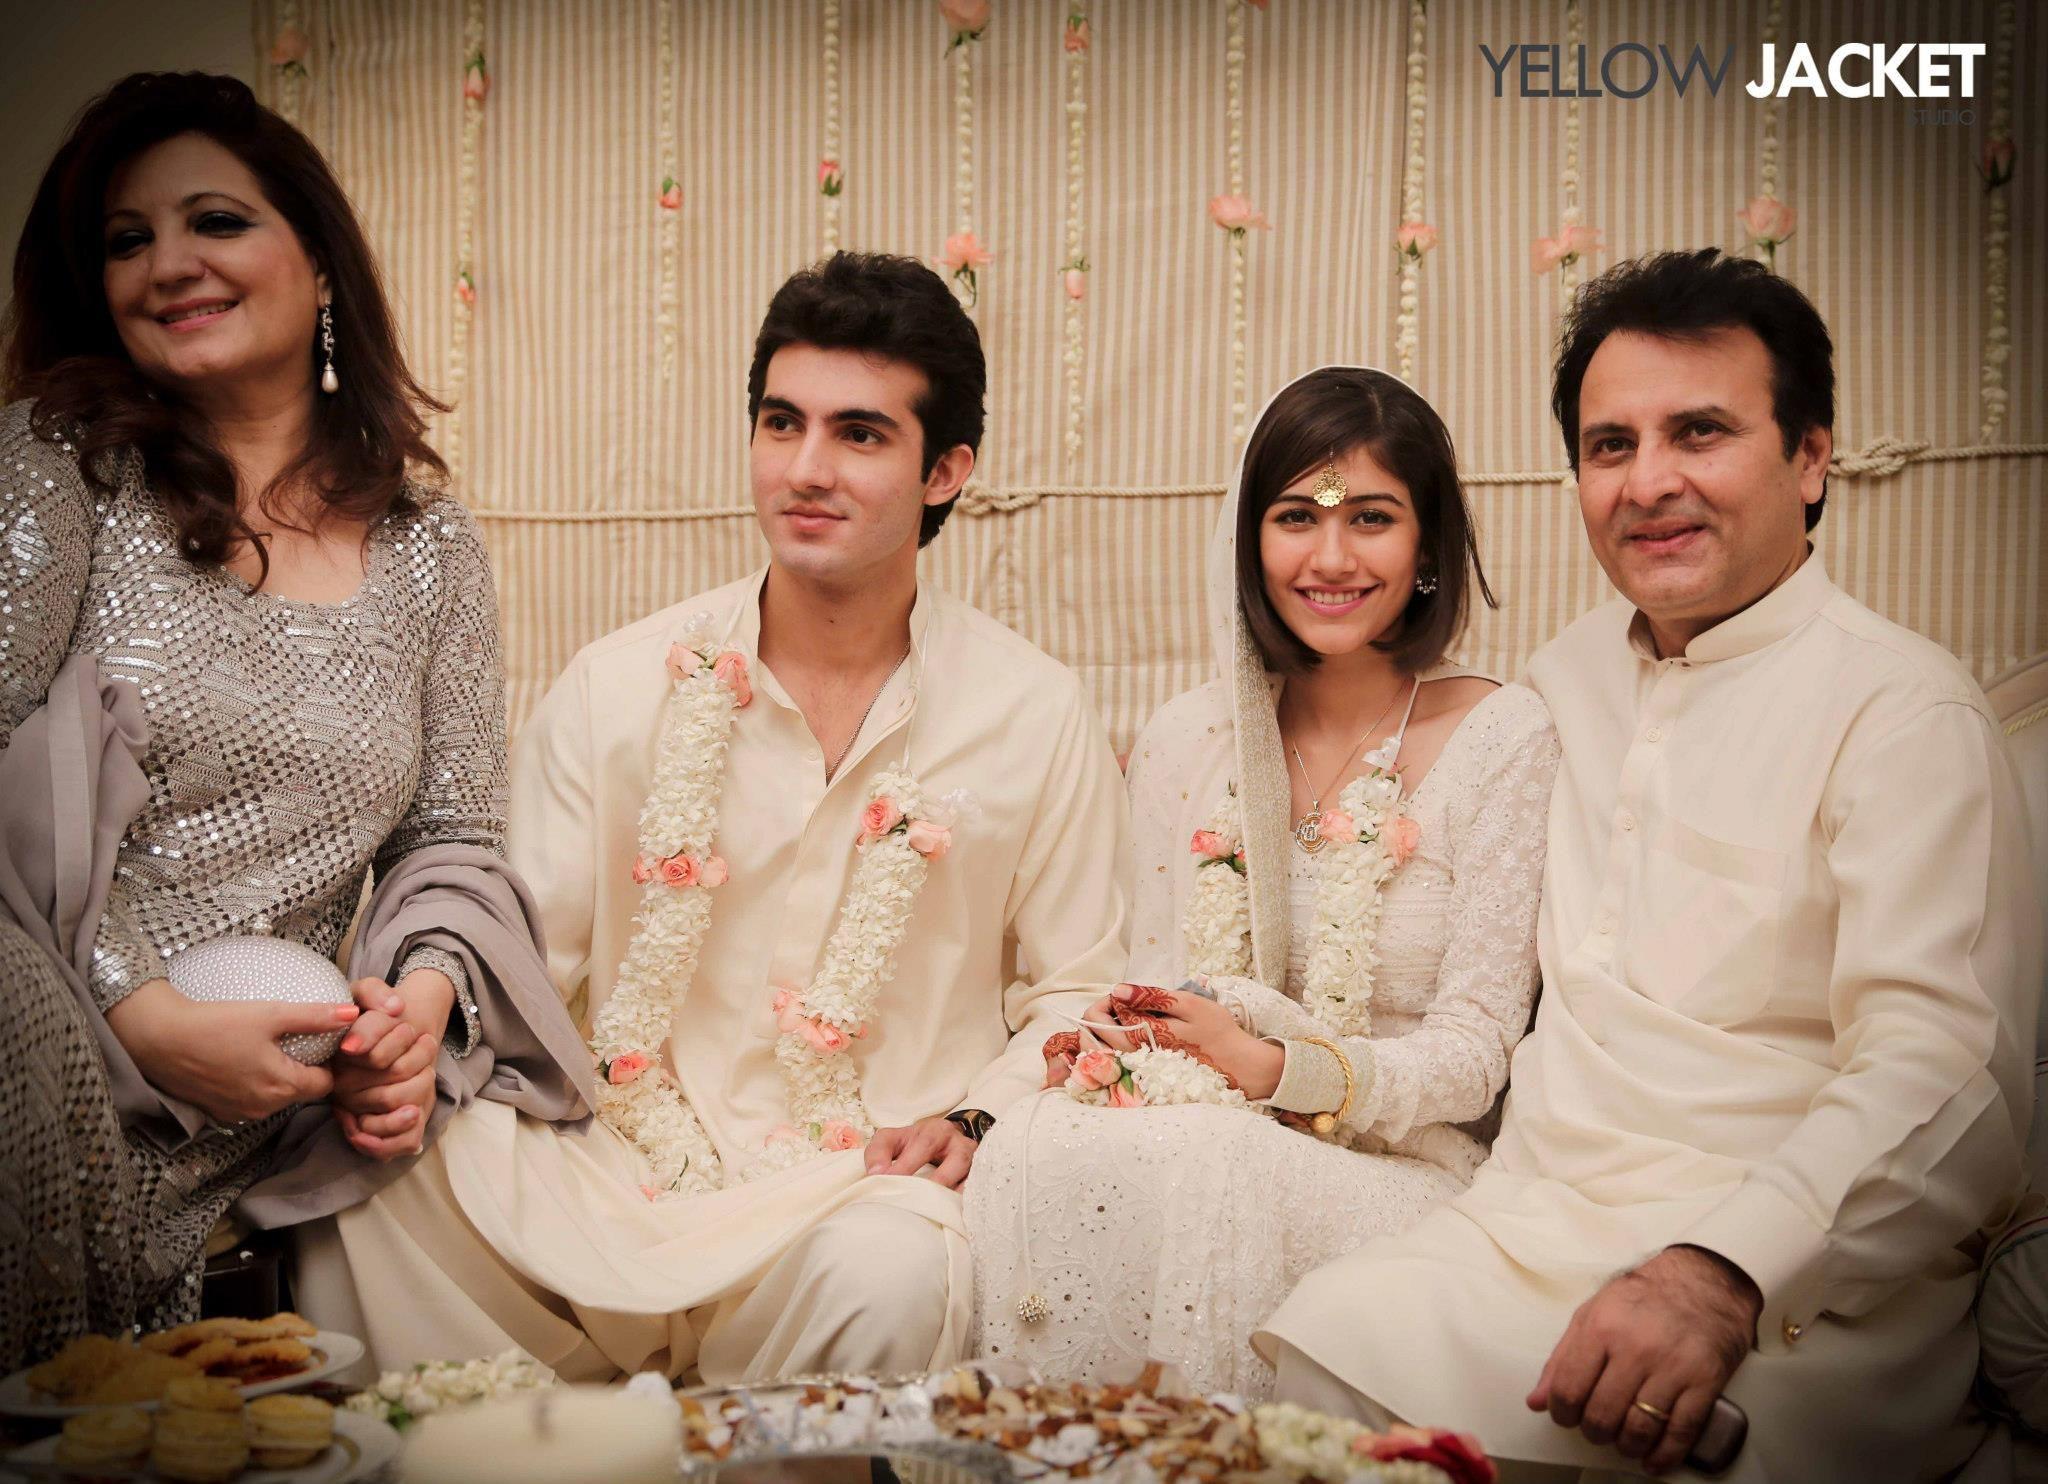 Bahroz Sabzwari With Family